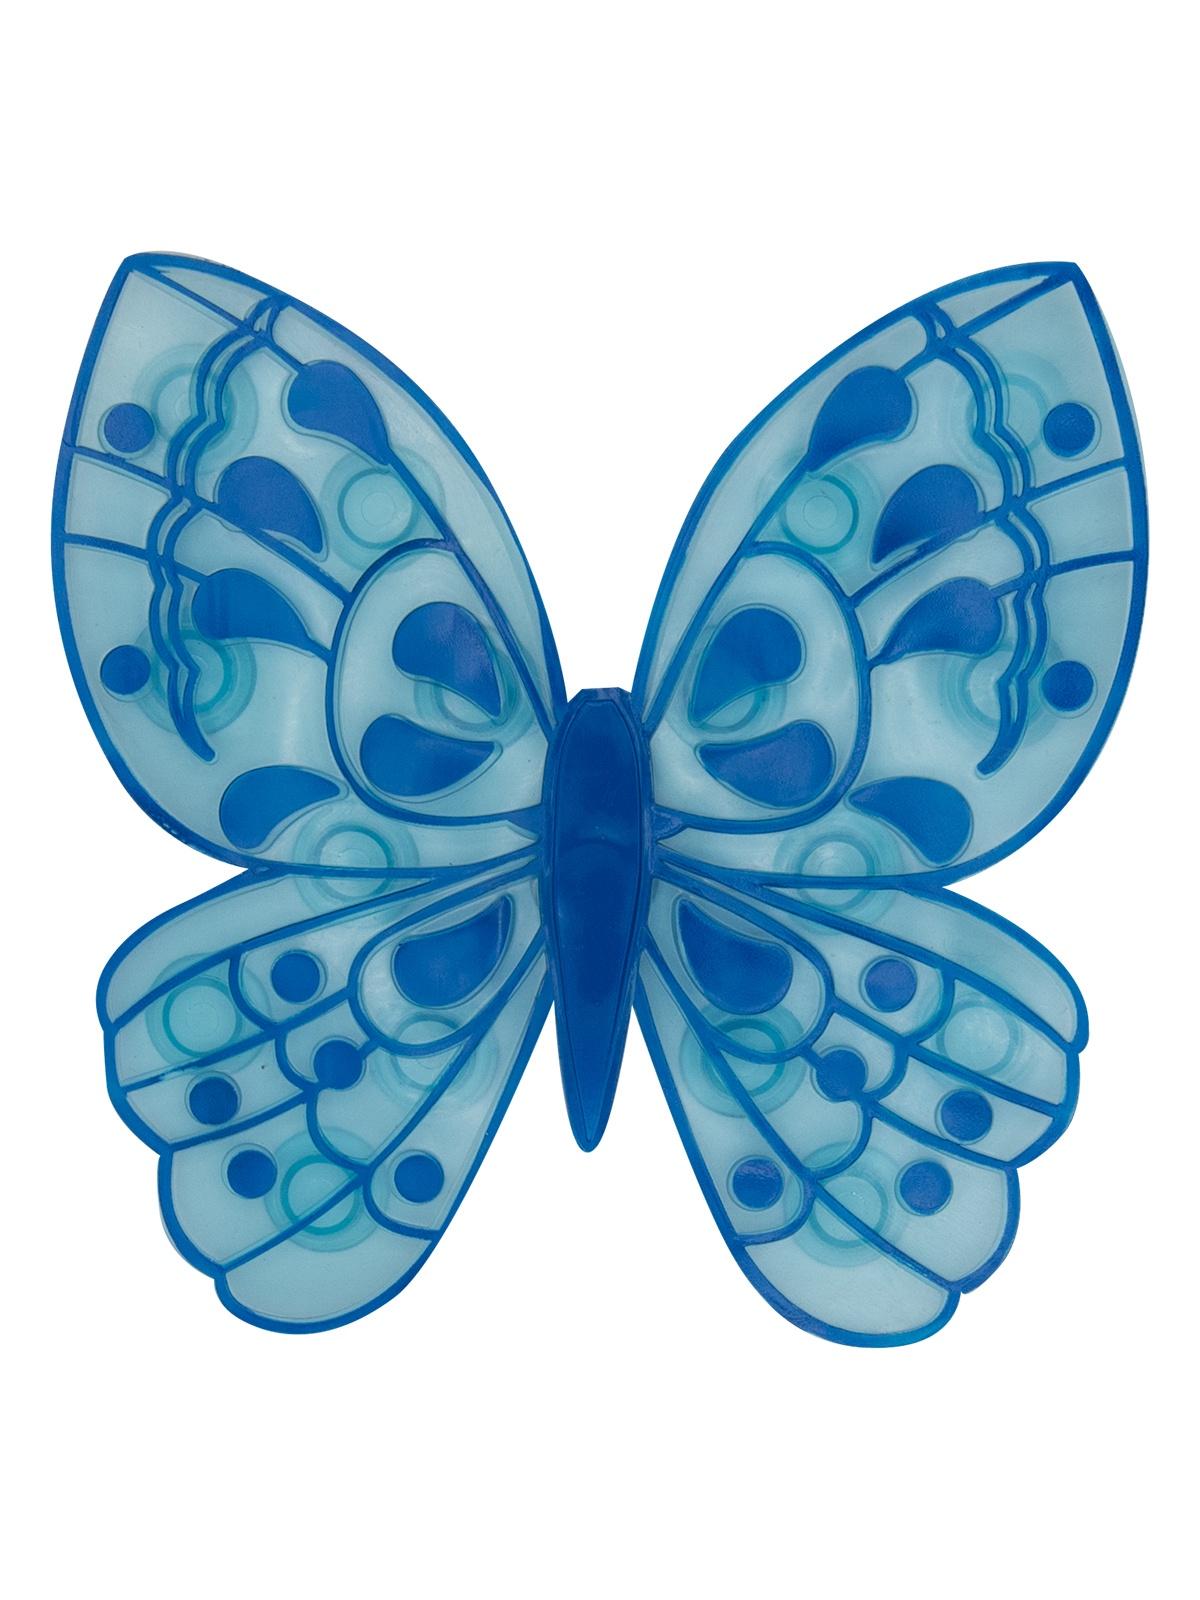 Мини-коврик для ванной комнаты БАБОЧКА синяя